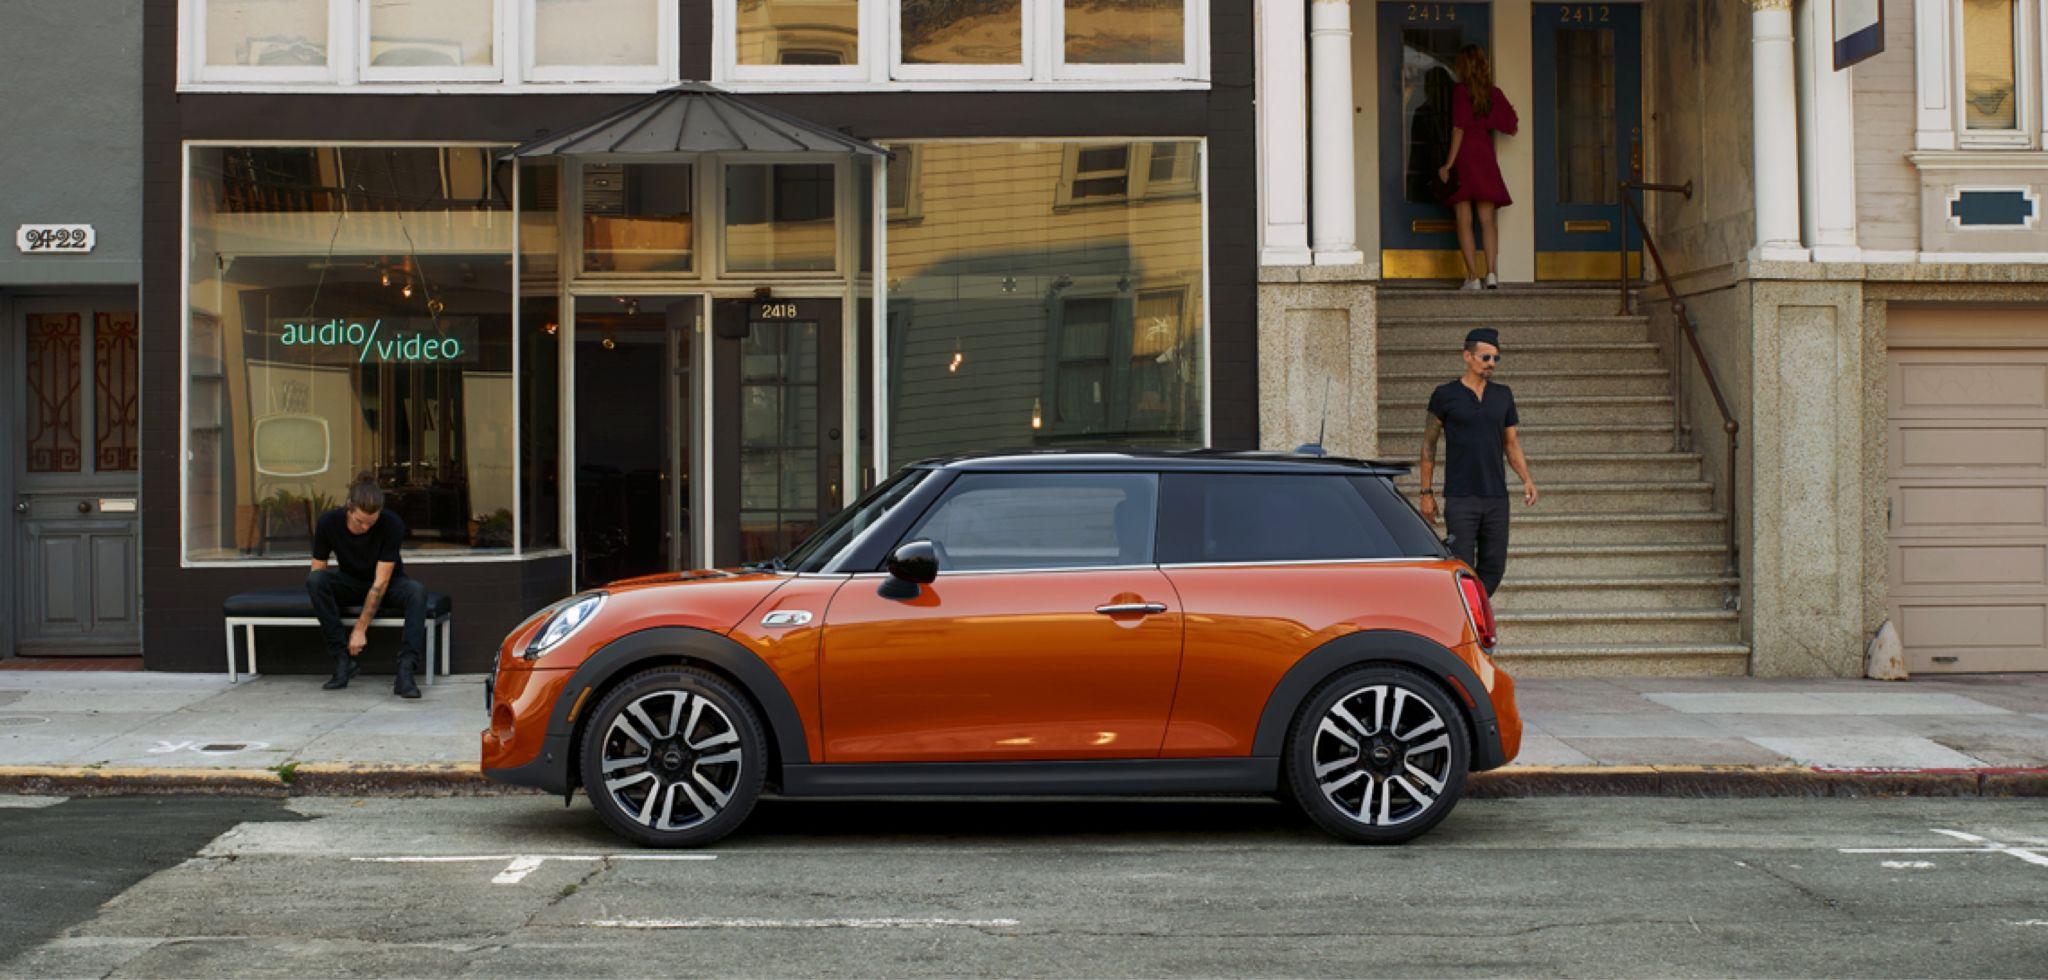 2020 Mini Cooper Hardtop 2 Door Side View Orange Exterior Picture